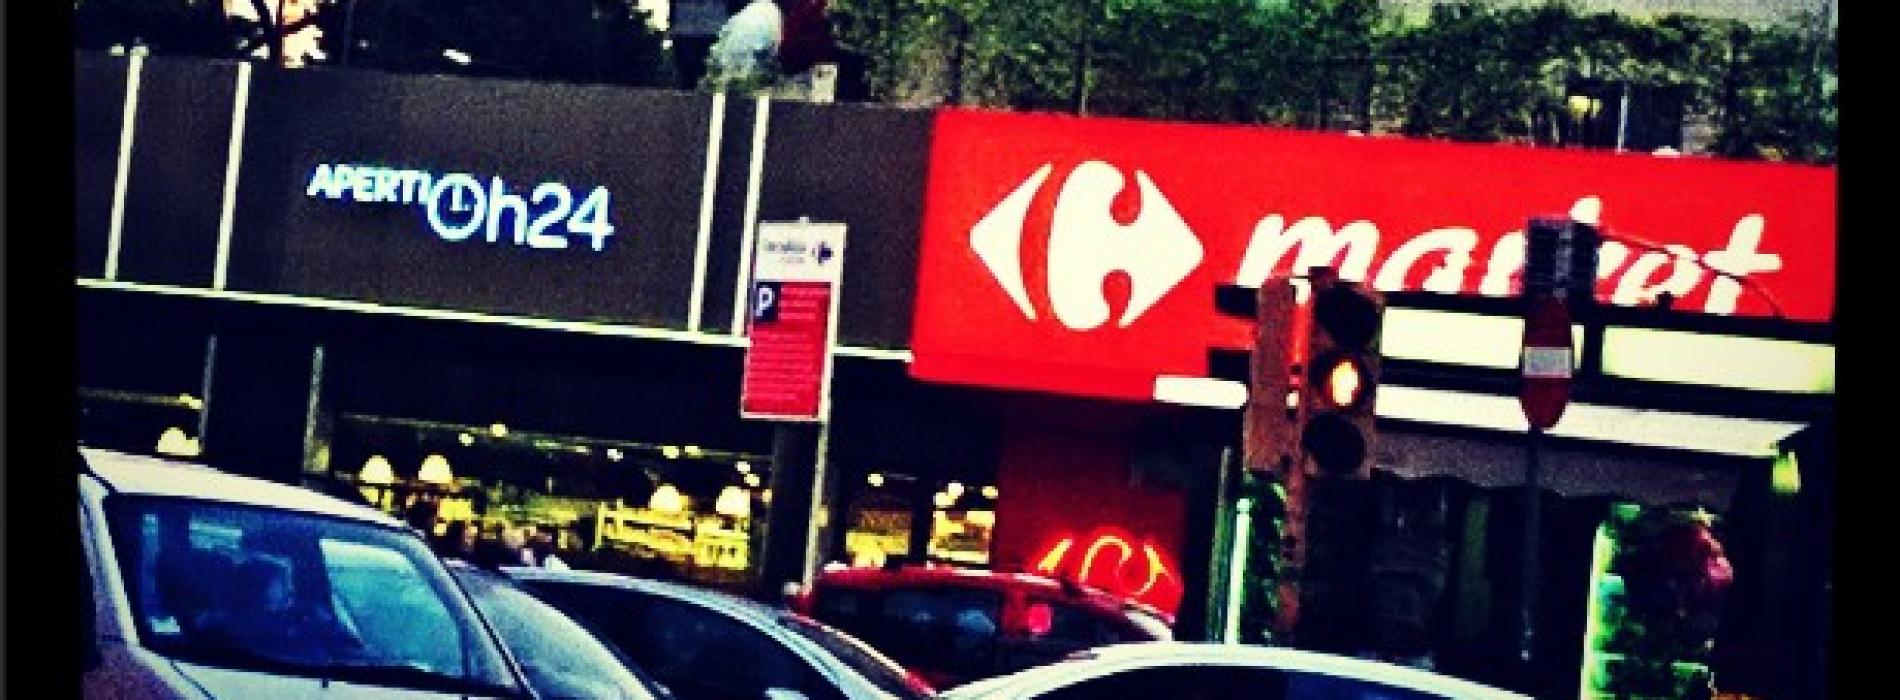 Supermercati 24h a Napoli: una riflessione